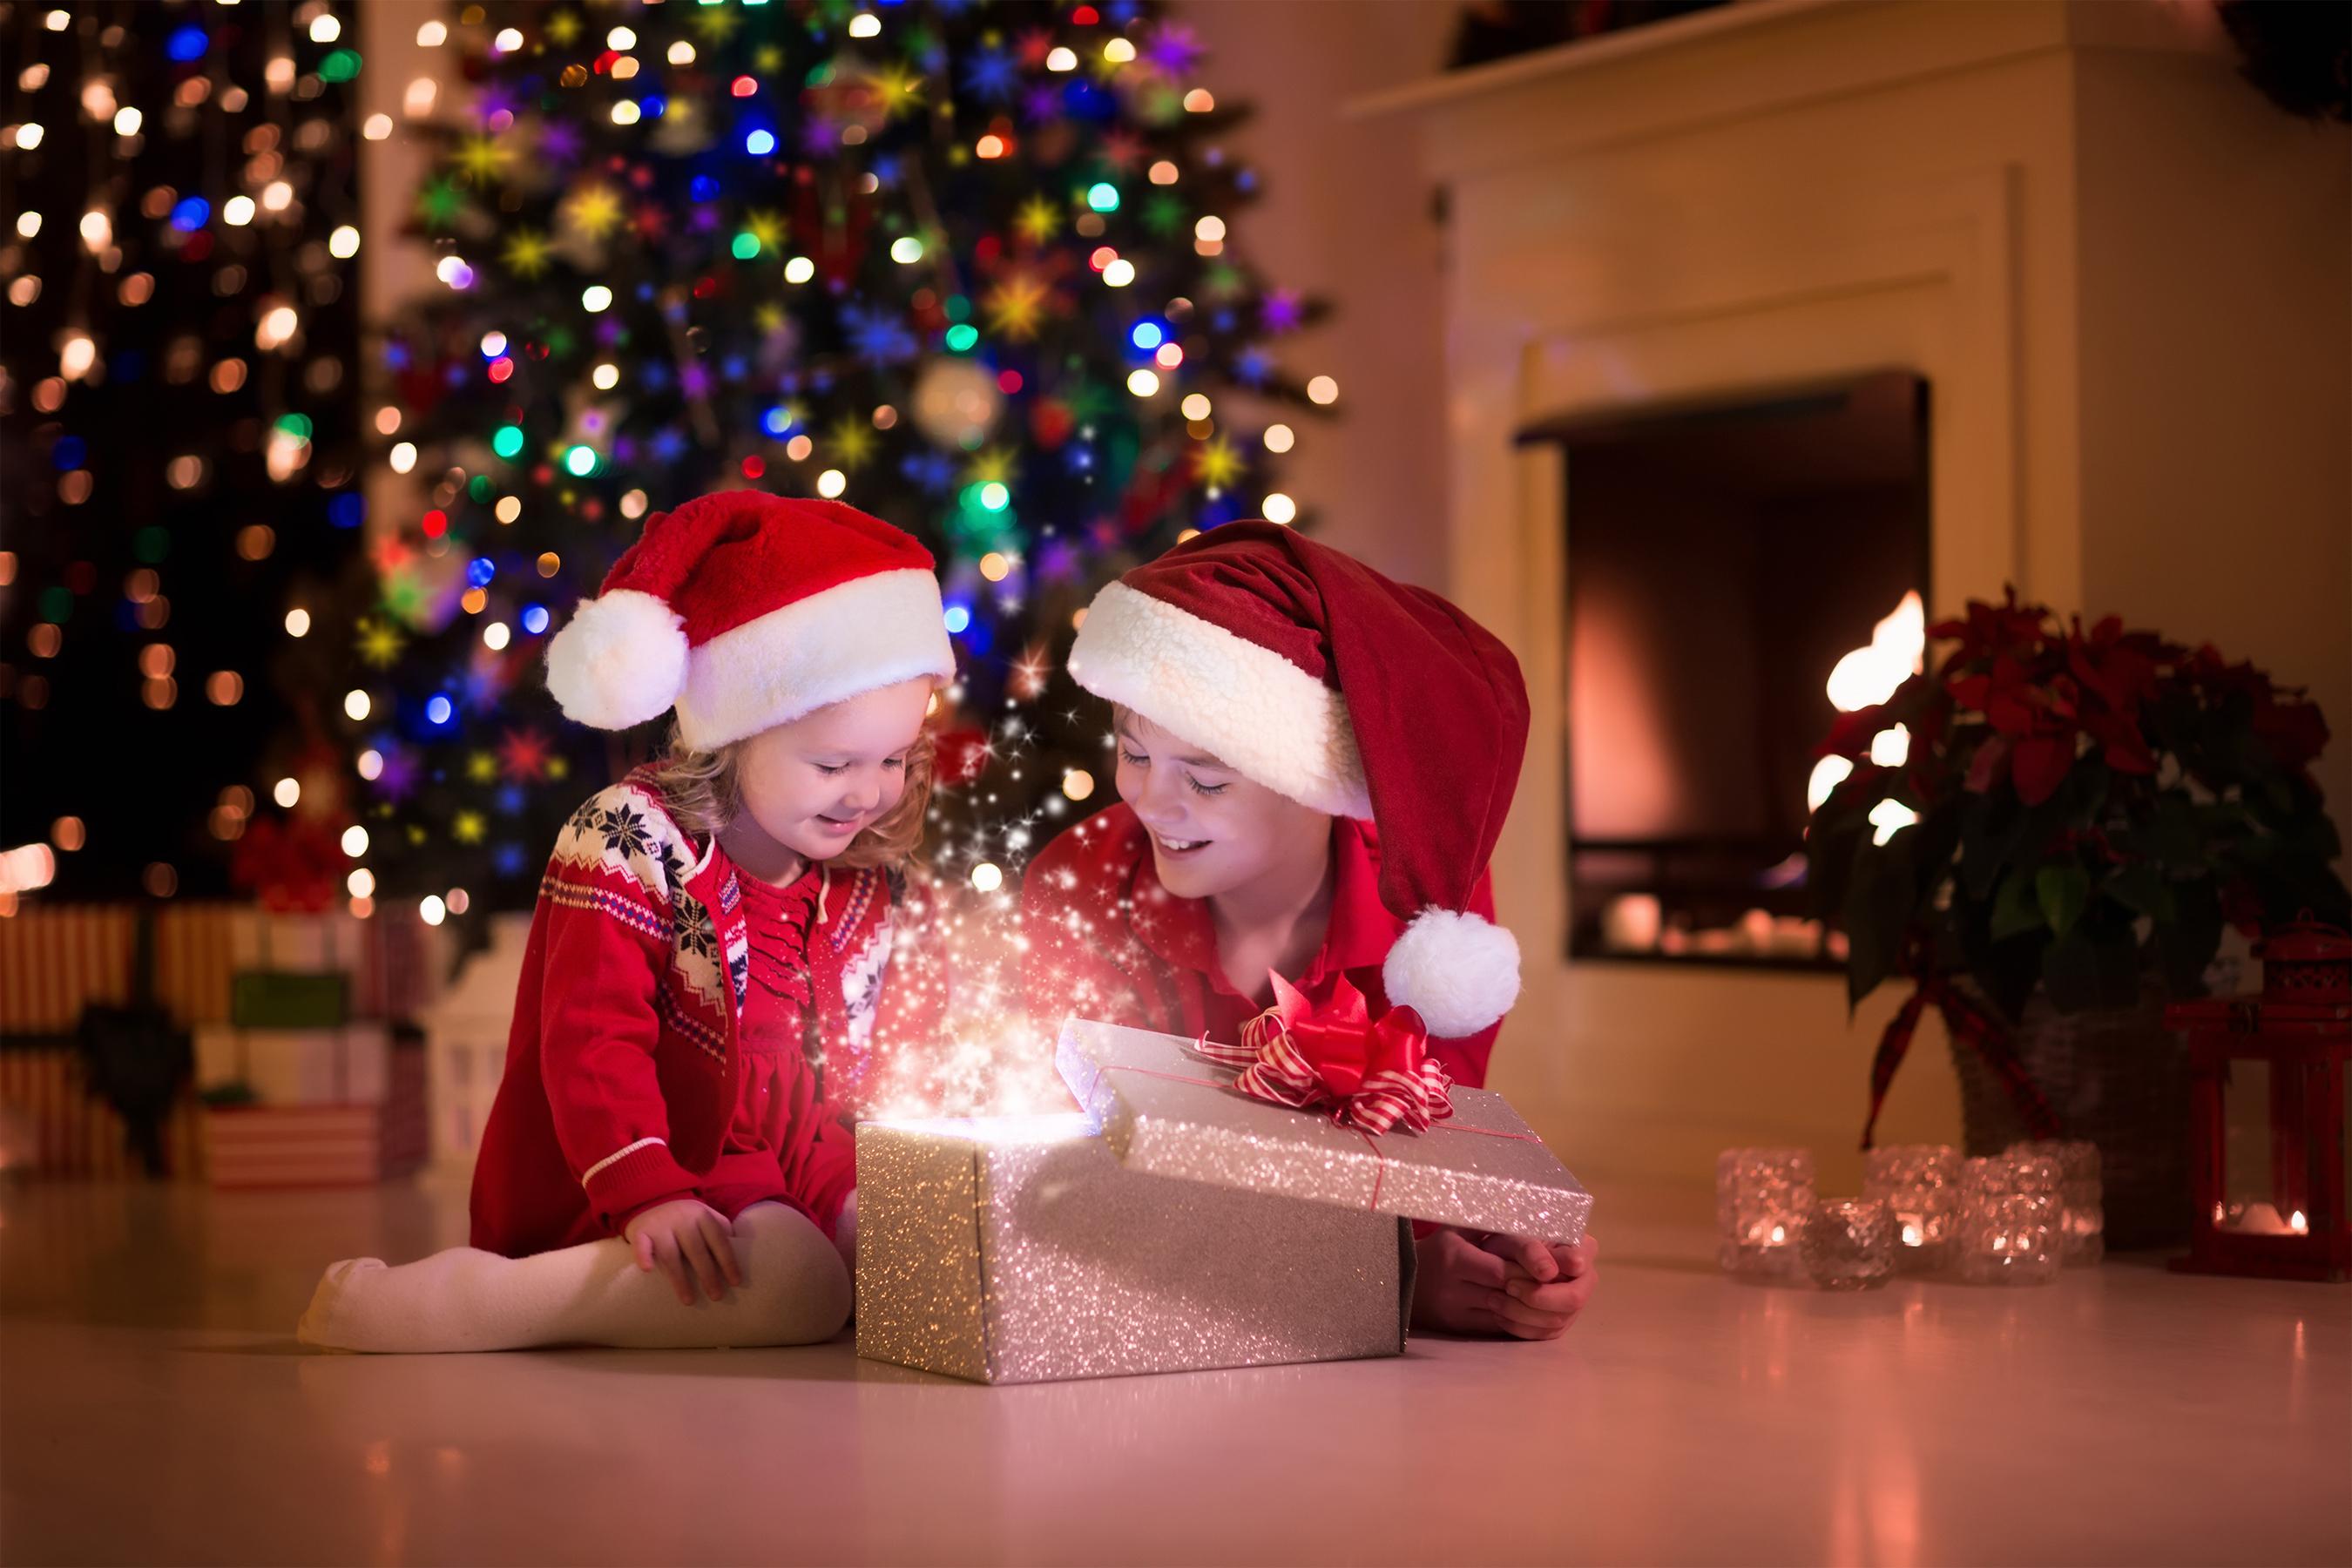 デジタルネイティブな「Z世代」の子どもに贈りたいクリスマスギフト10選